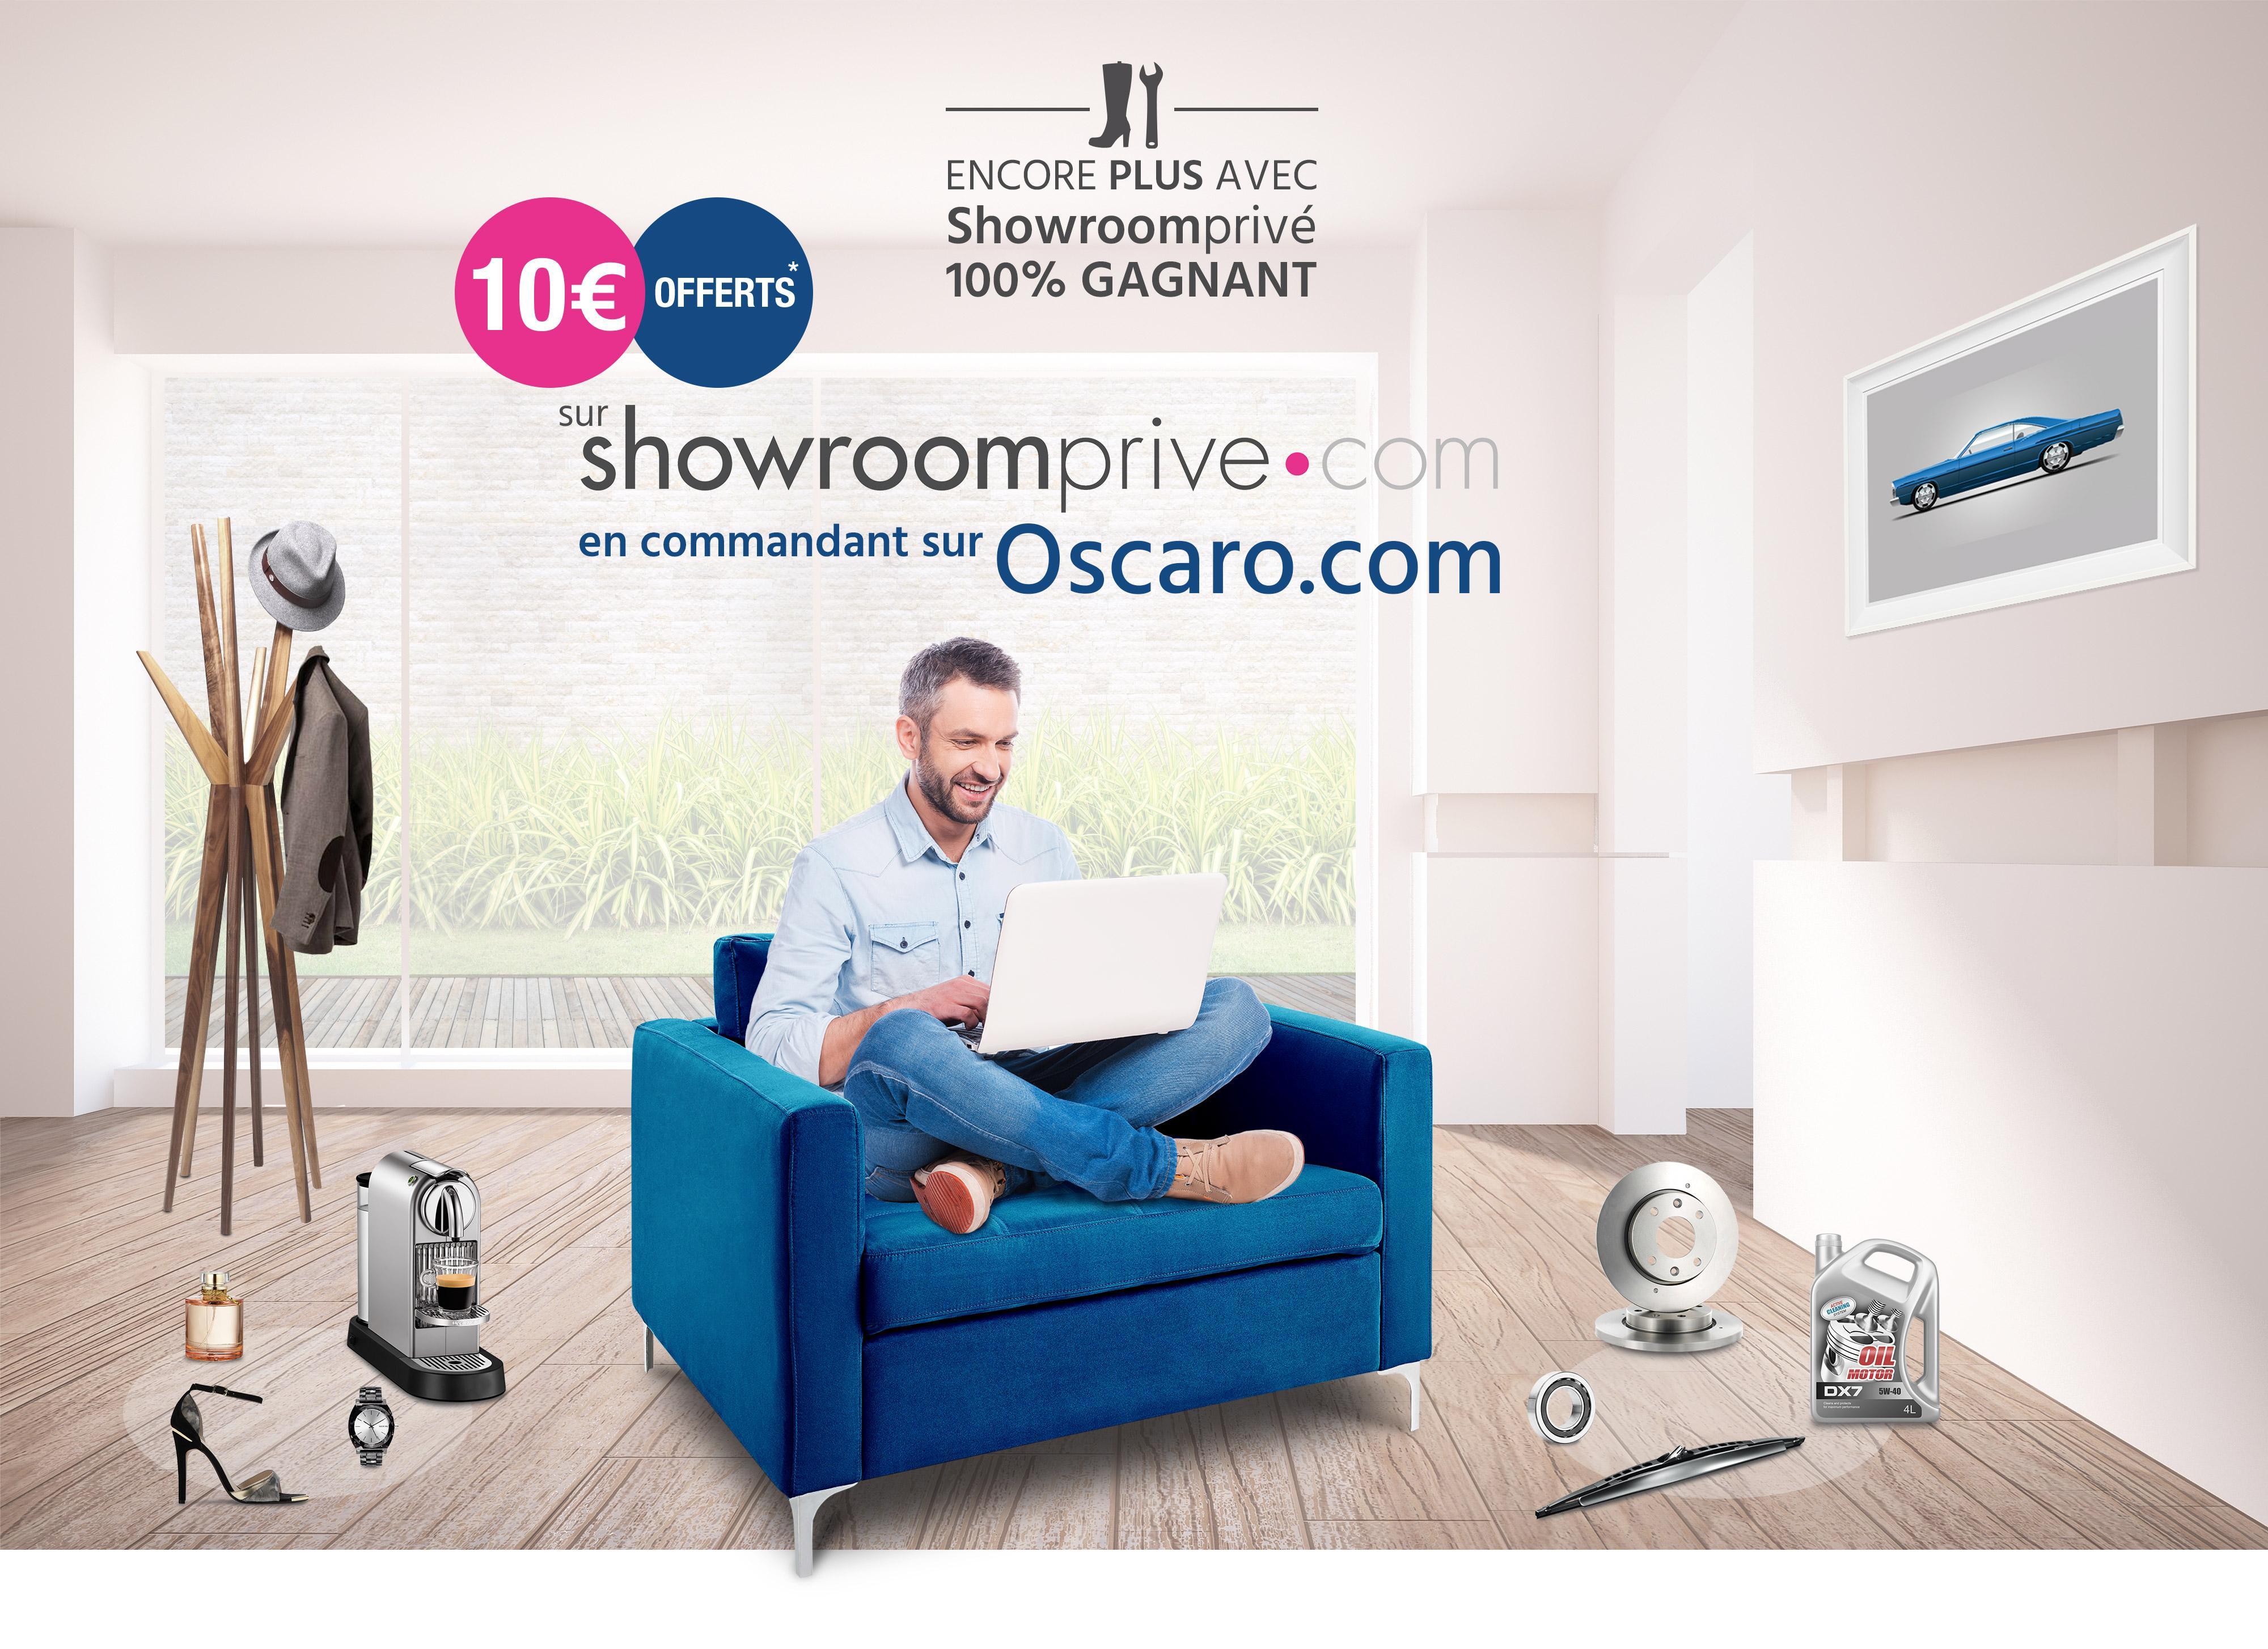 Un bon d'achat de 10€ offert chez Showroomprivé pour toute commande